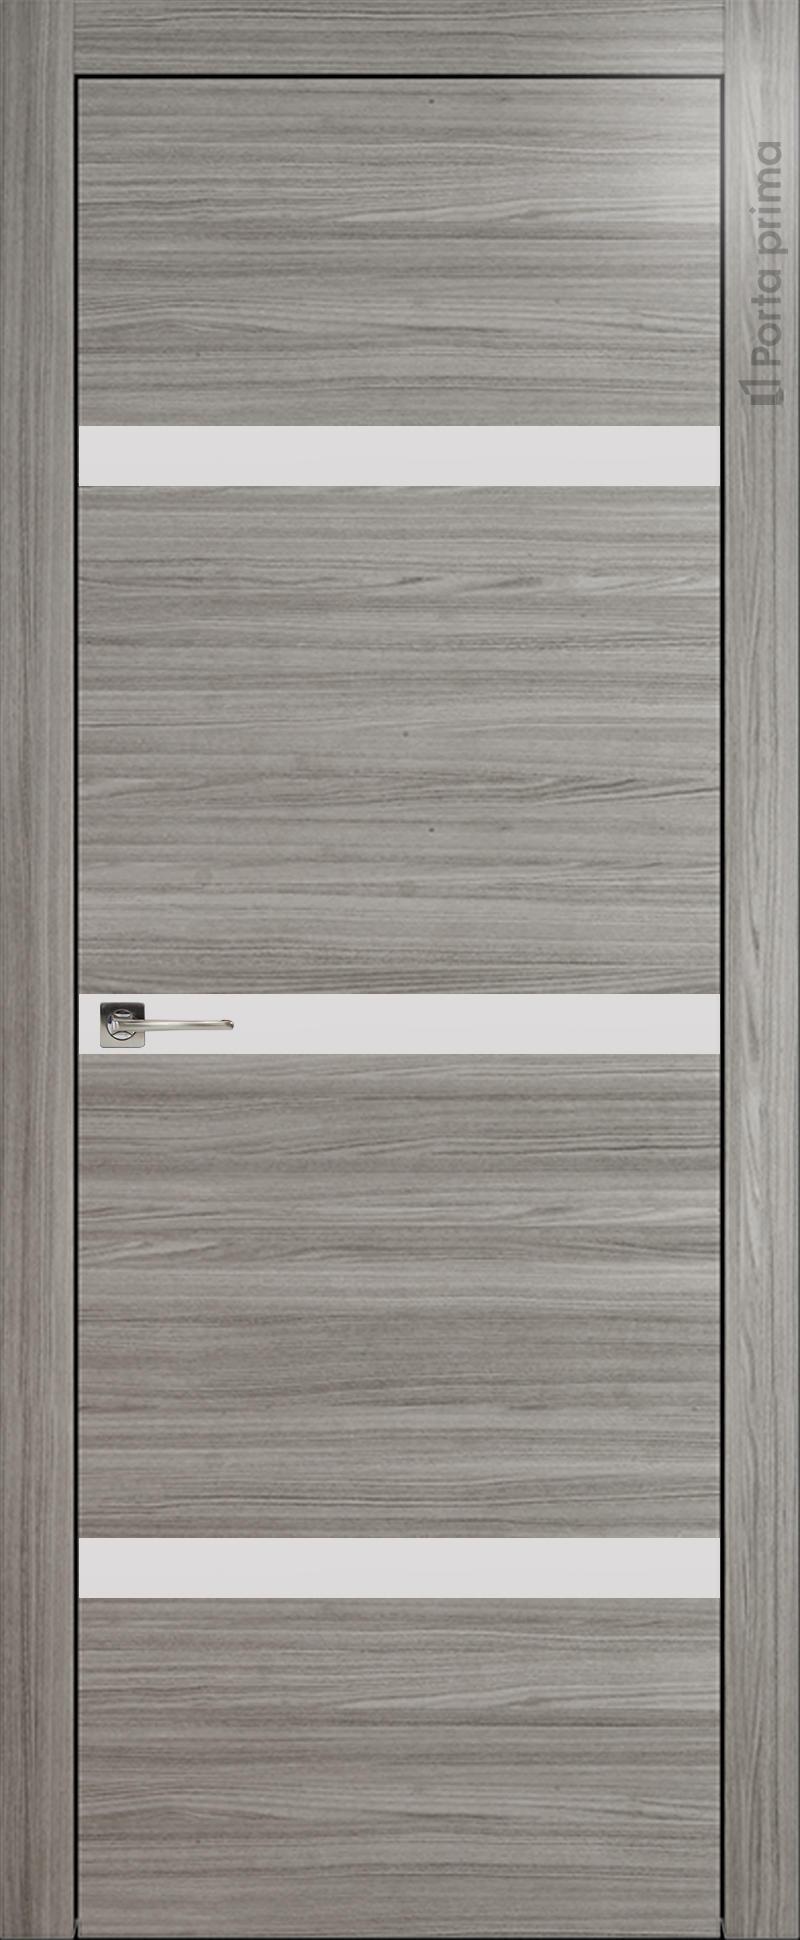 Tivoli Г-4 цвет - Орех пепельный Без стекла (ДГ)